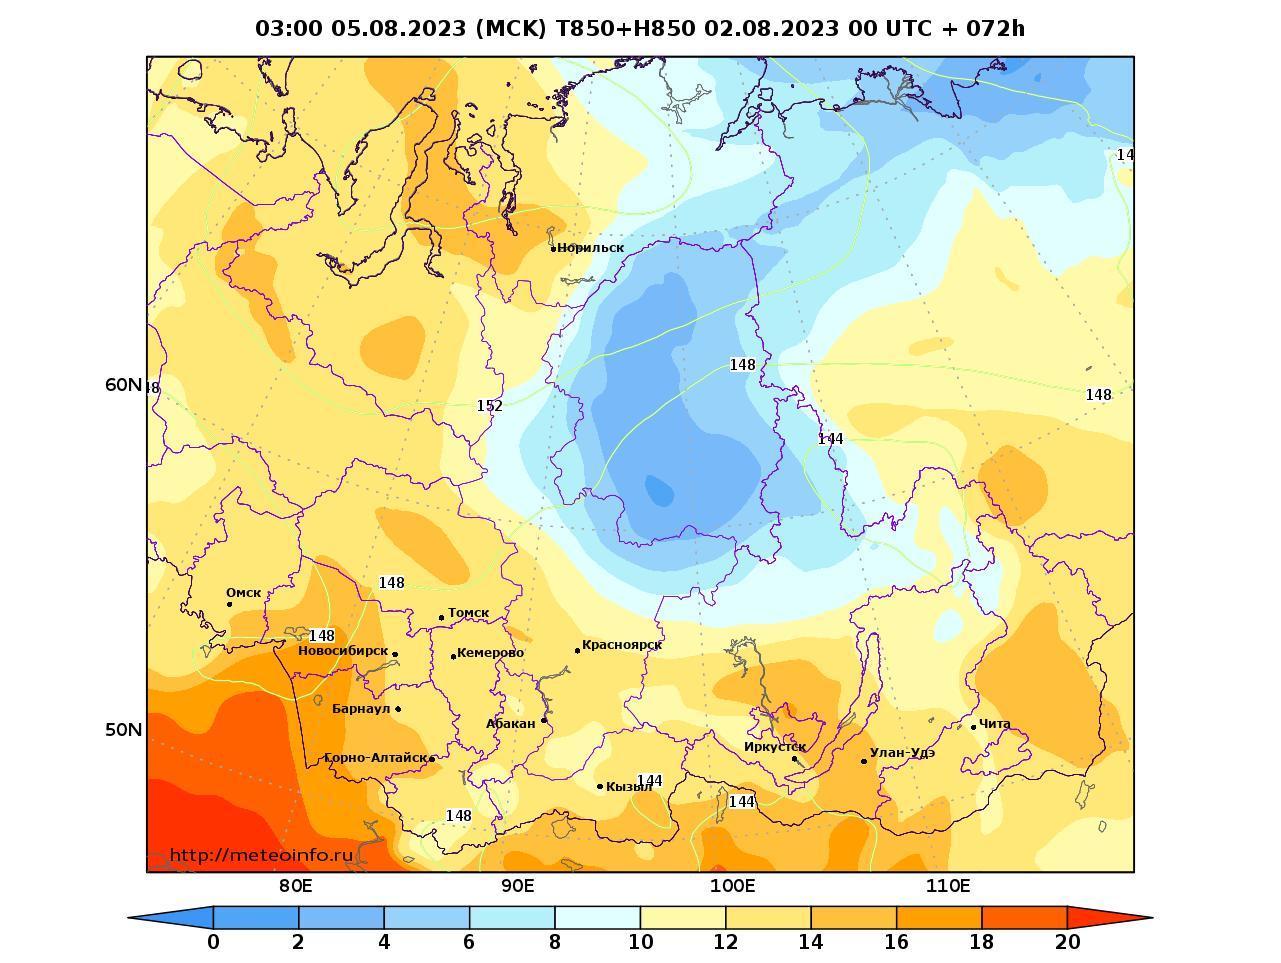 Сибирский Федеральный округ, прогностическая карта температура T850 и геопотенциал H850, заблаговременность прогноза 72 часа